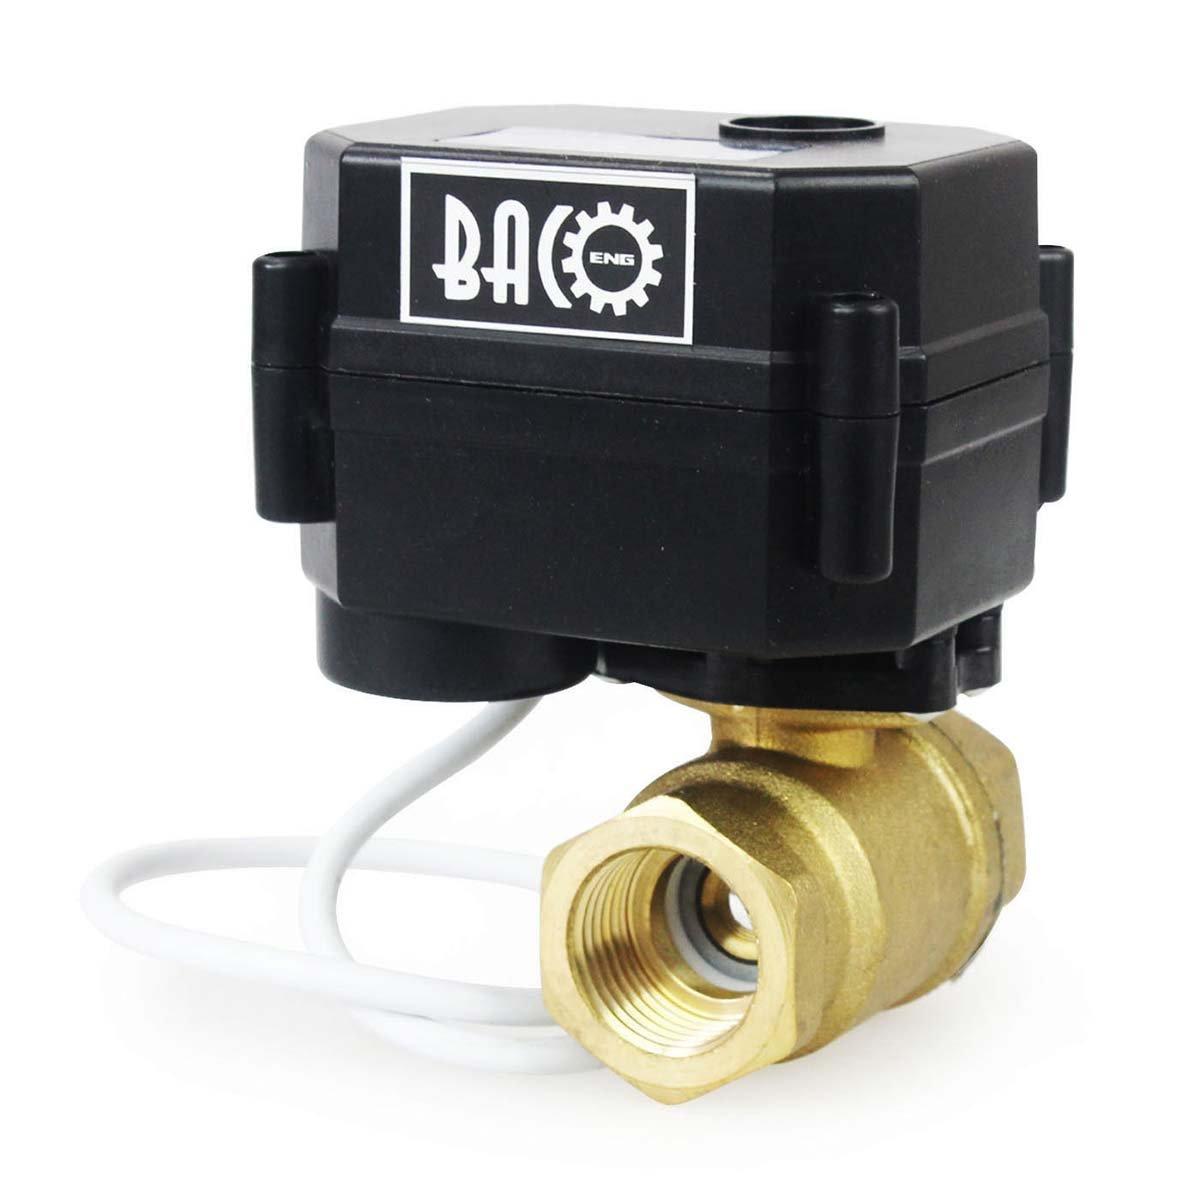 BACOENG 1/2'' DC12V Brass 2 Port Motorized Ball Valve , Electric Ball Valve NPT CR02